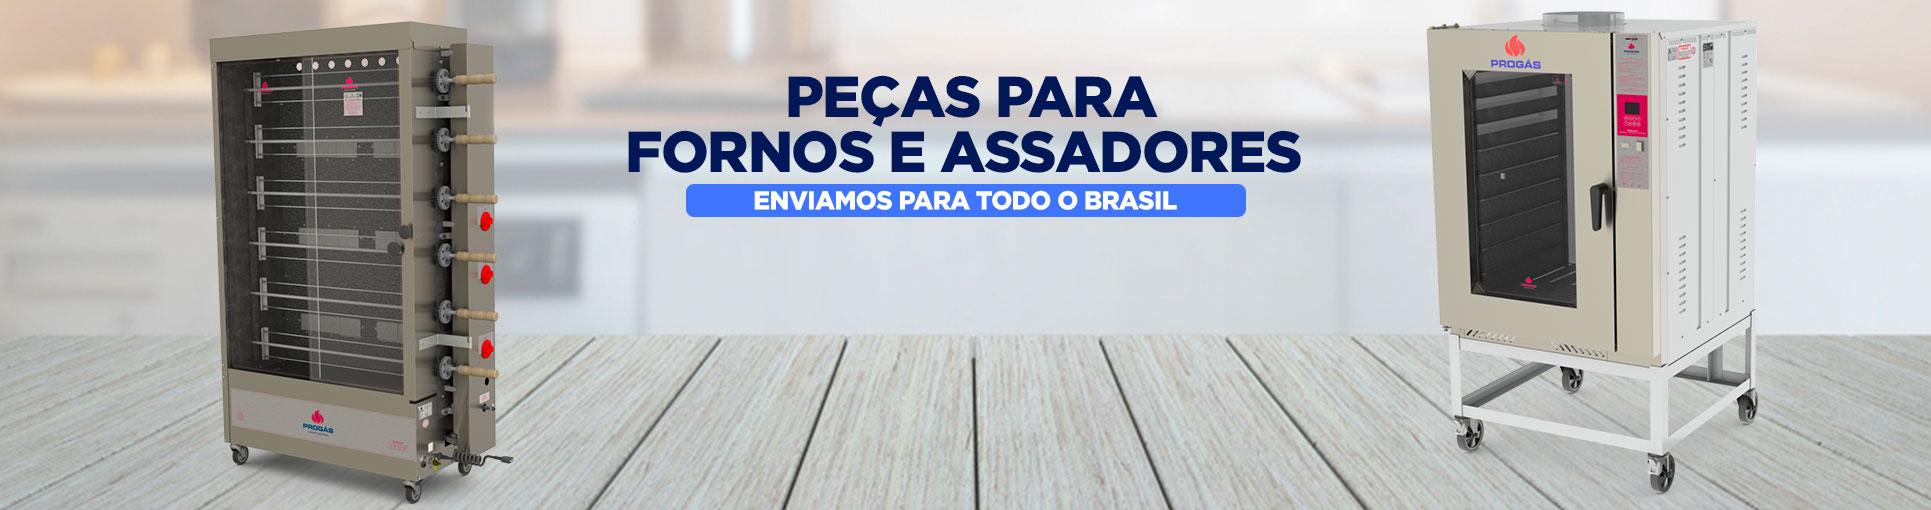 PEÇAS PARA FORNO E ASSADORES